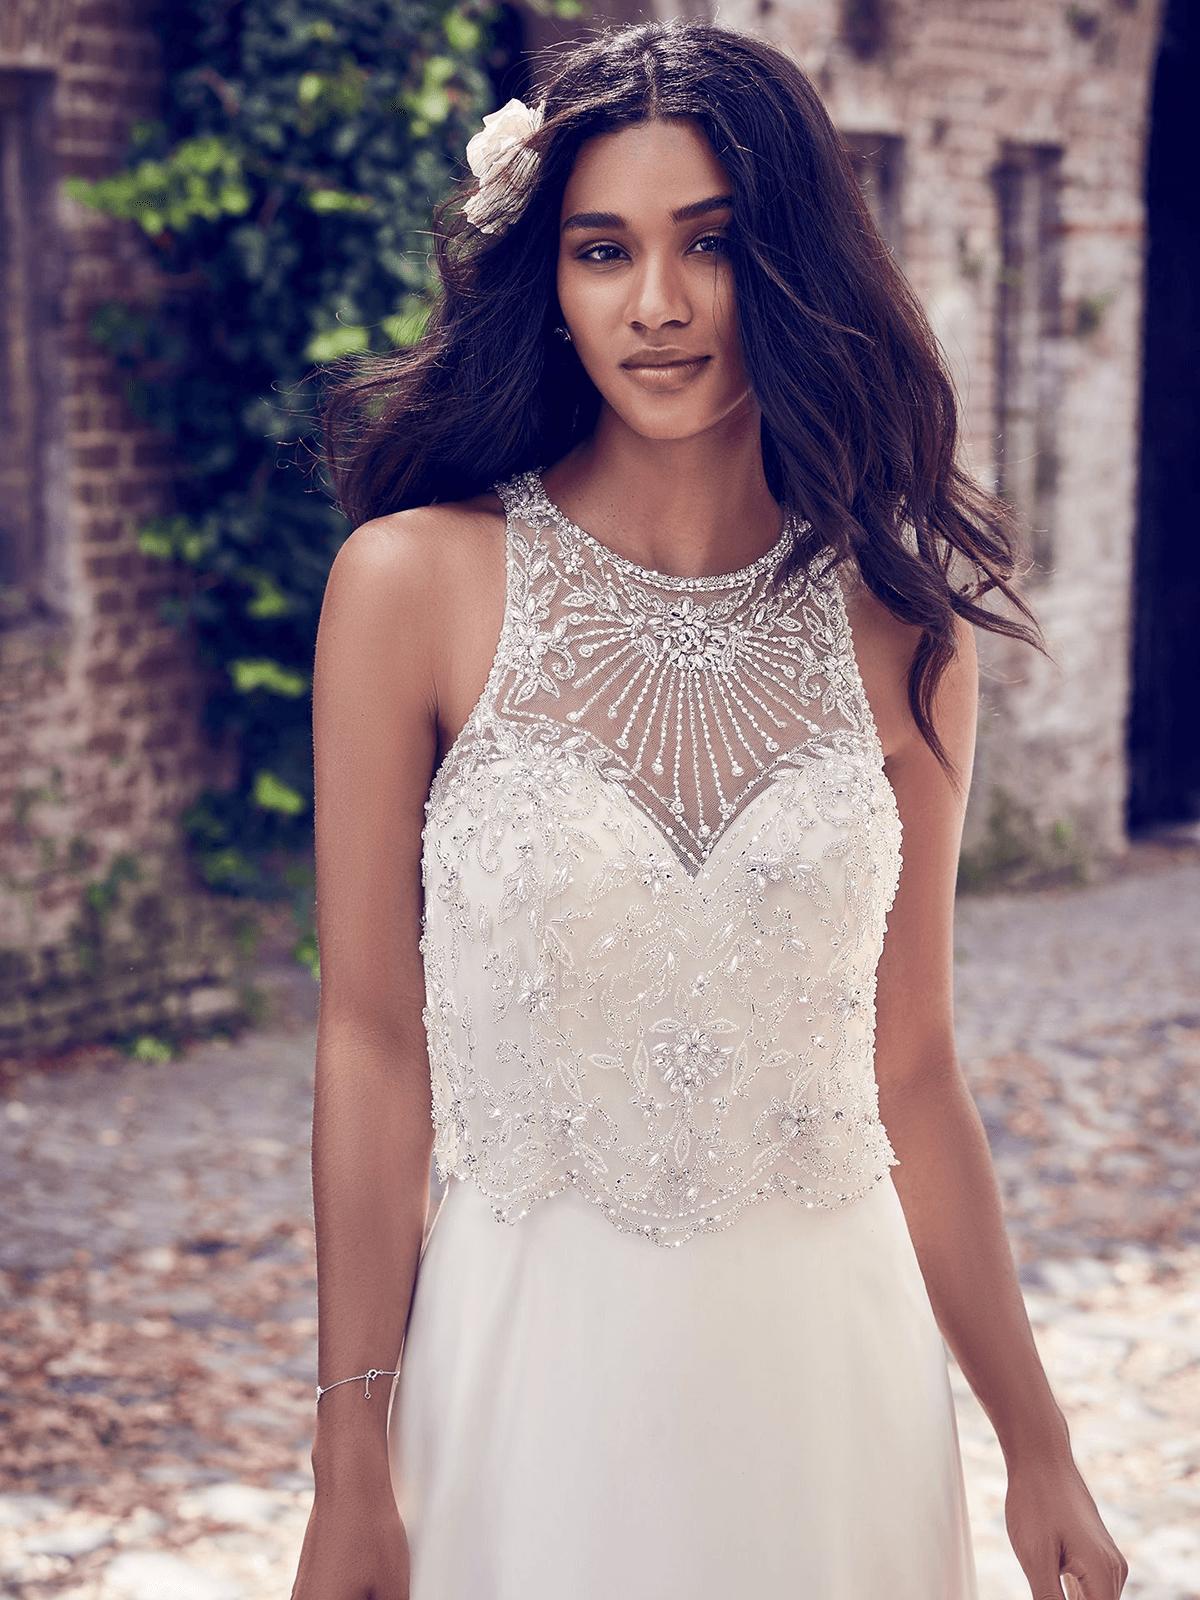 Maggie-Sottero-Wedding-Dress-Larkin-8MT450-Alt1